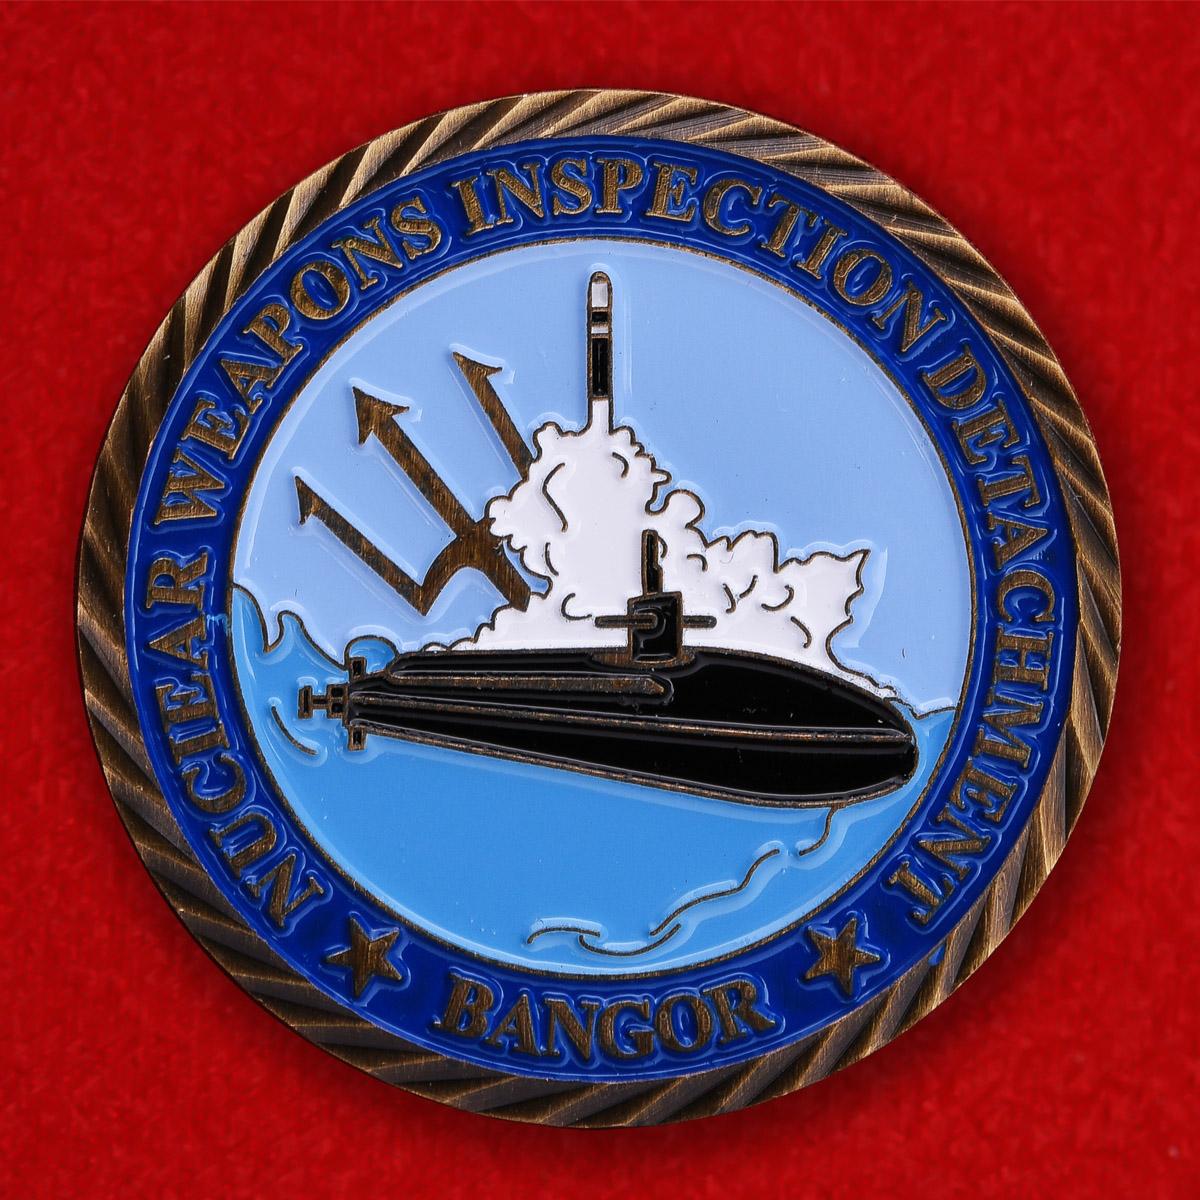 Челлендж коин отряда обслуживания ядерного оружия на подводных лодках в Бангоре